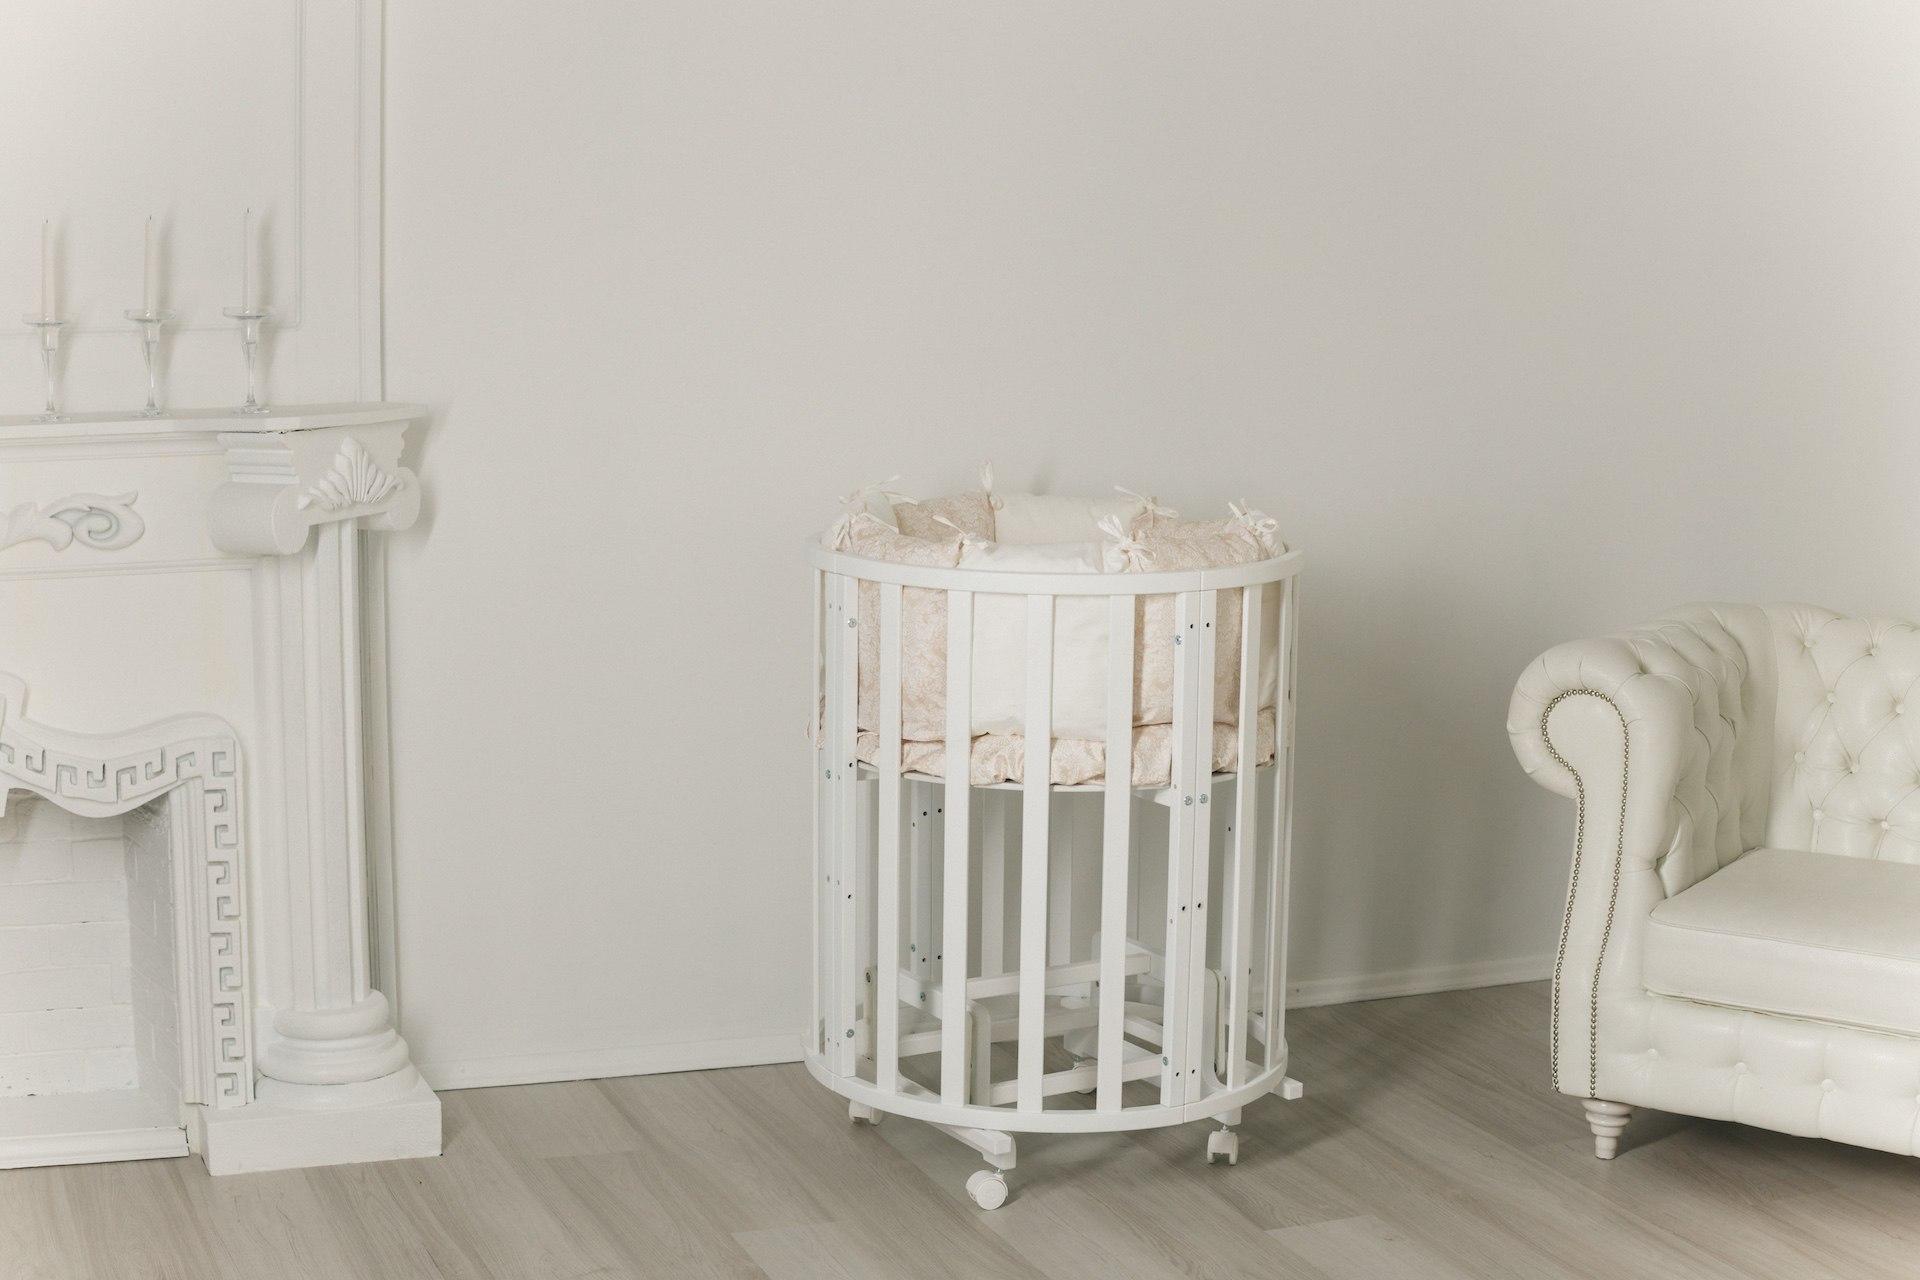 Кроватка детская круглая/овальная «Uoma Da Vinchi» Incanto 10в1.